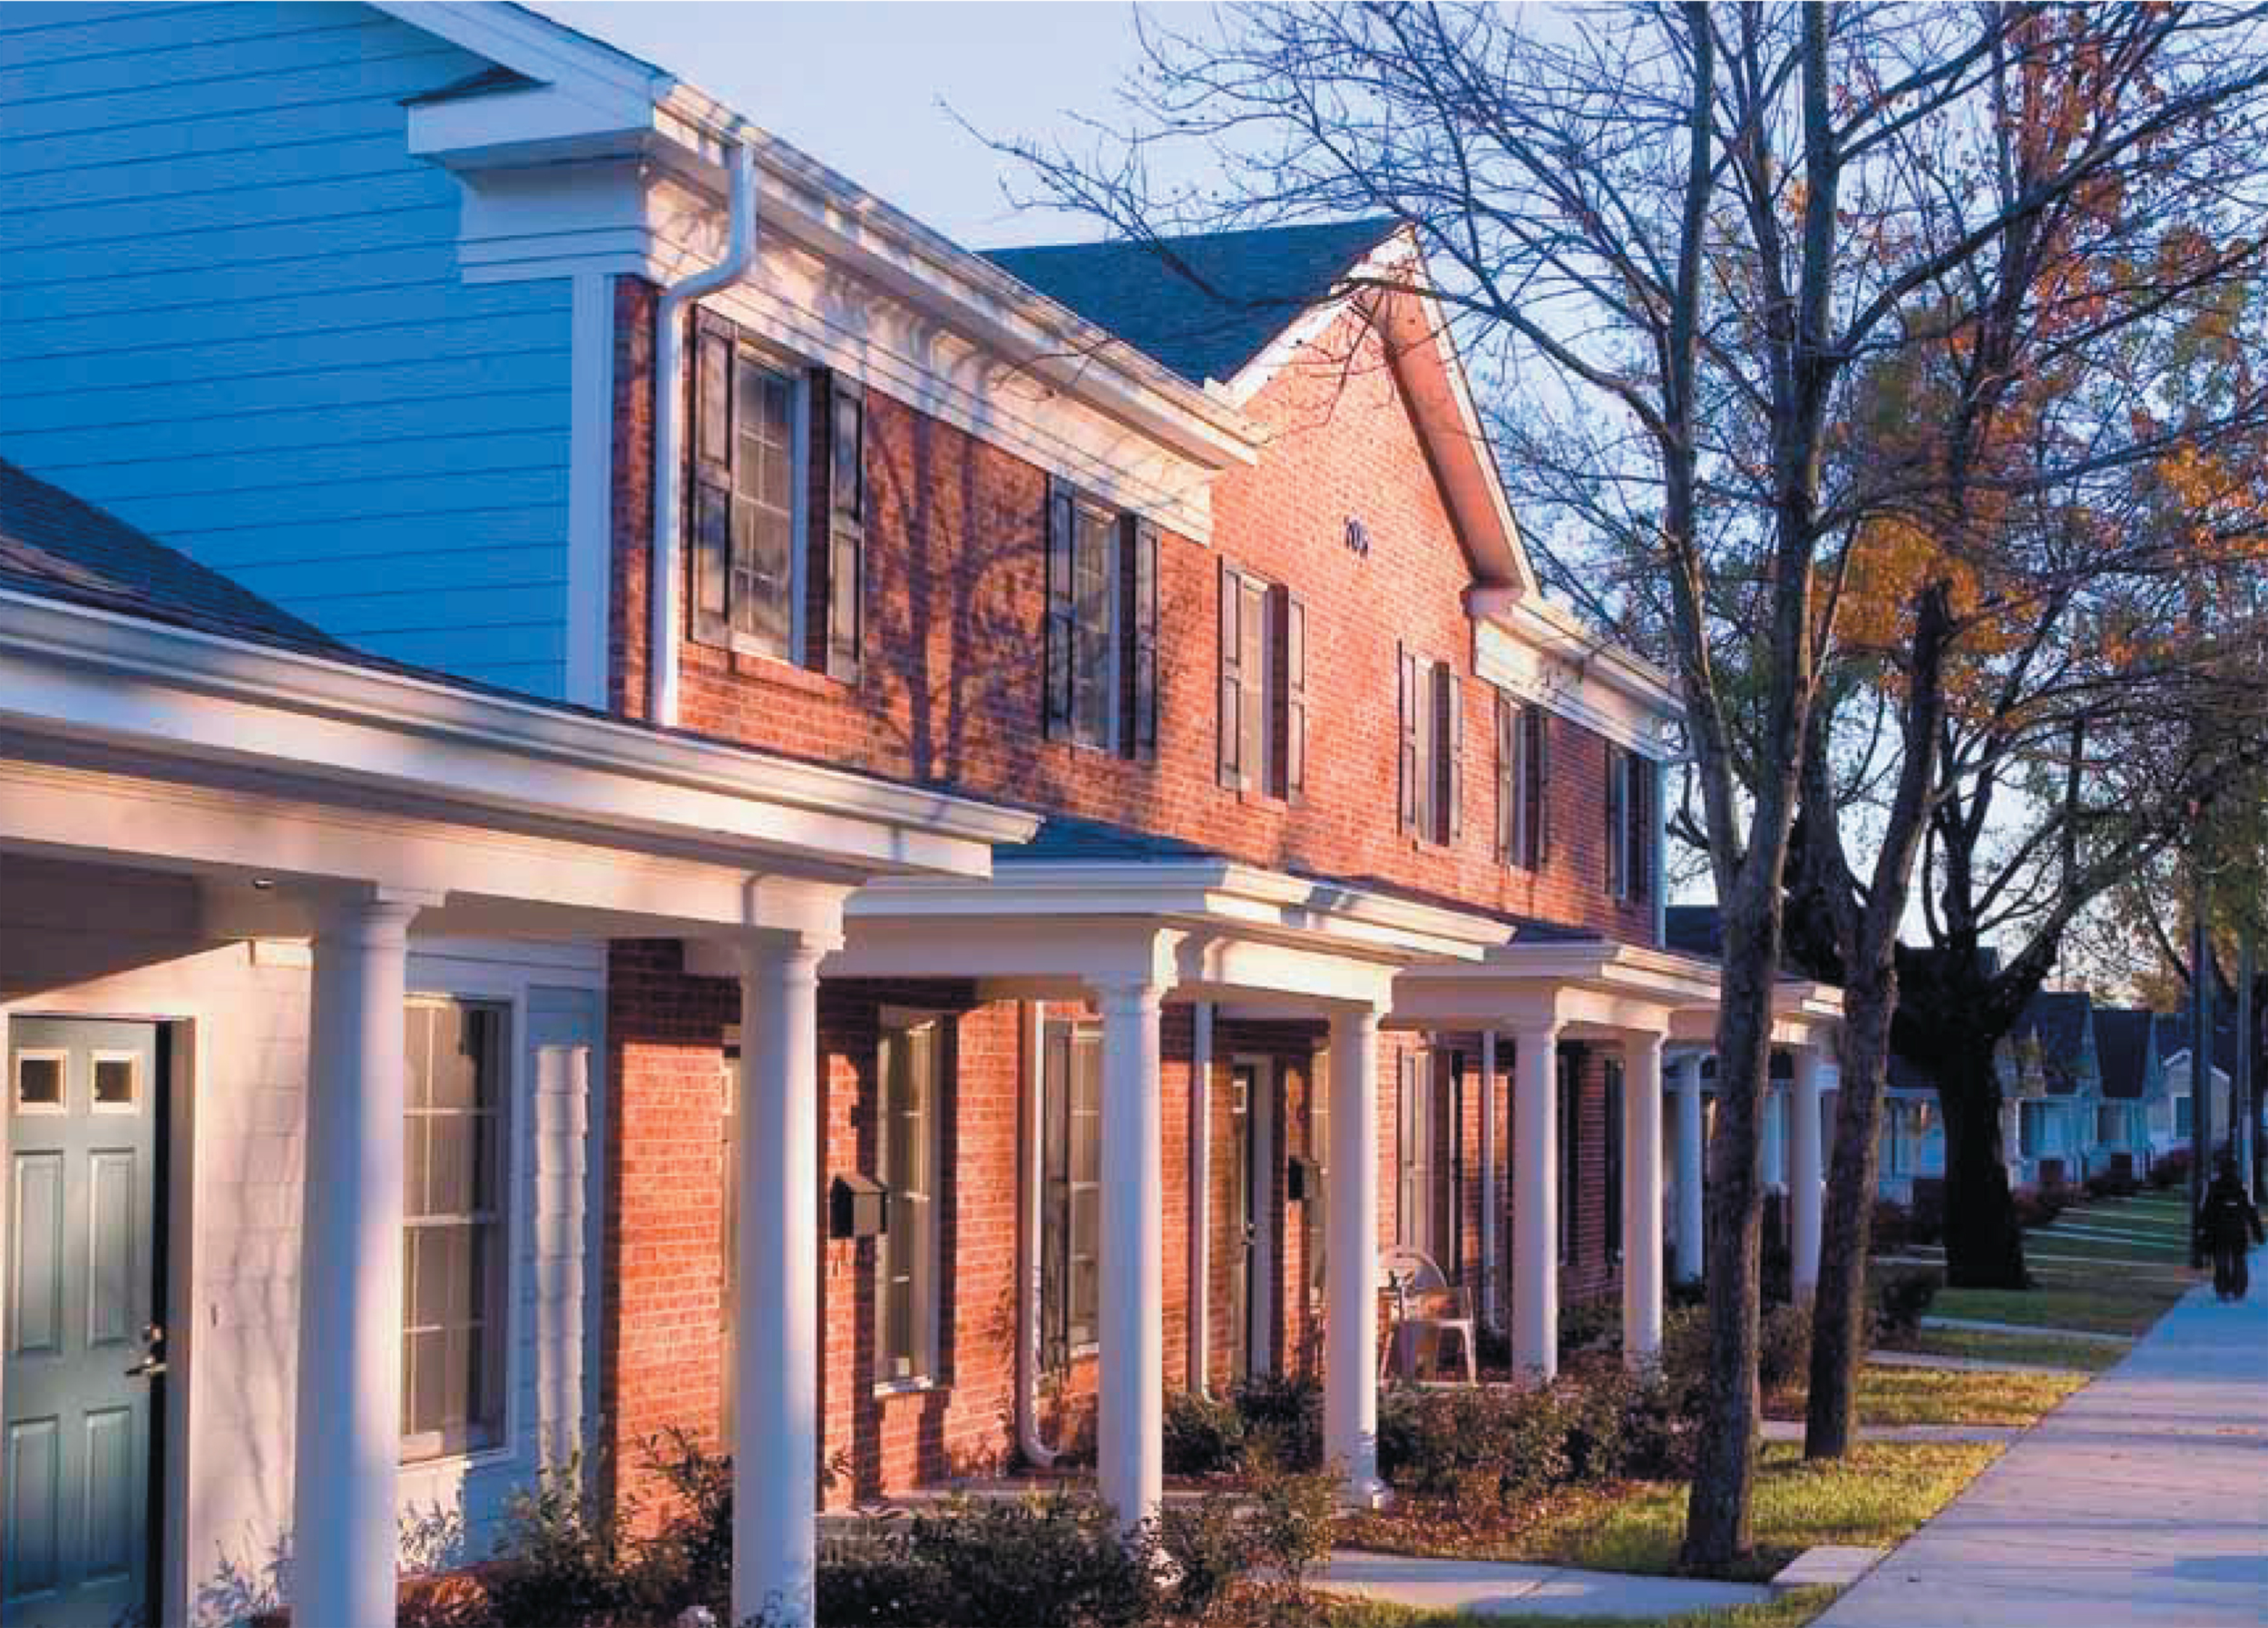 Willow Oaks Hope VI housing 2